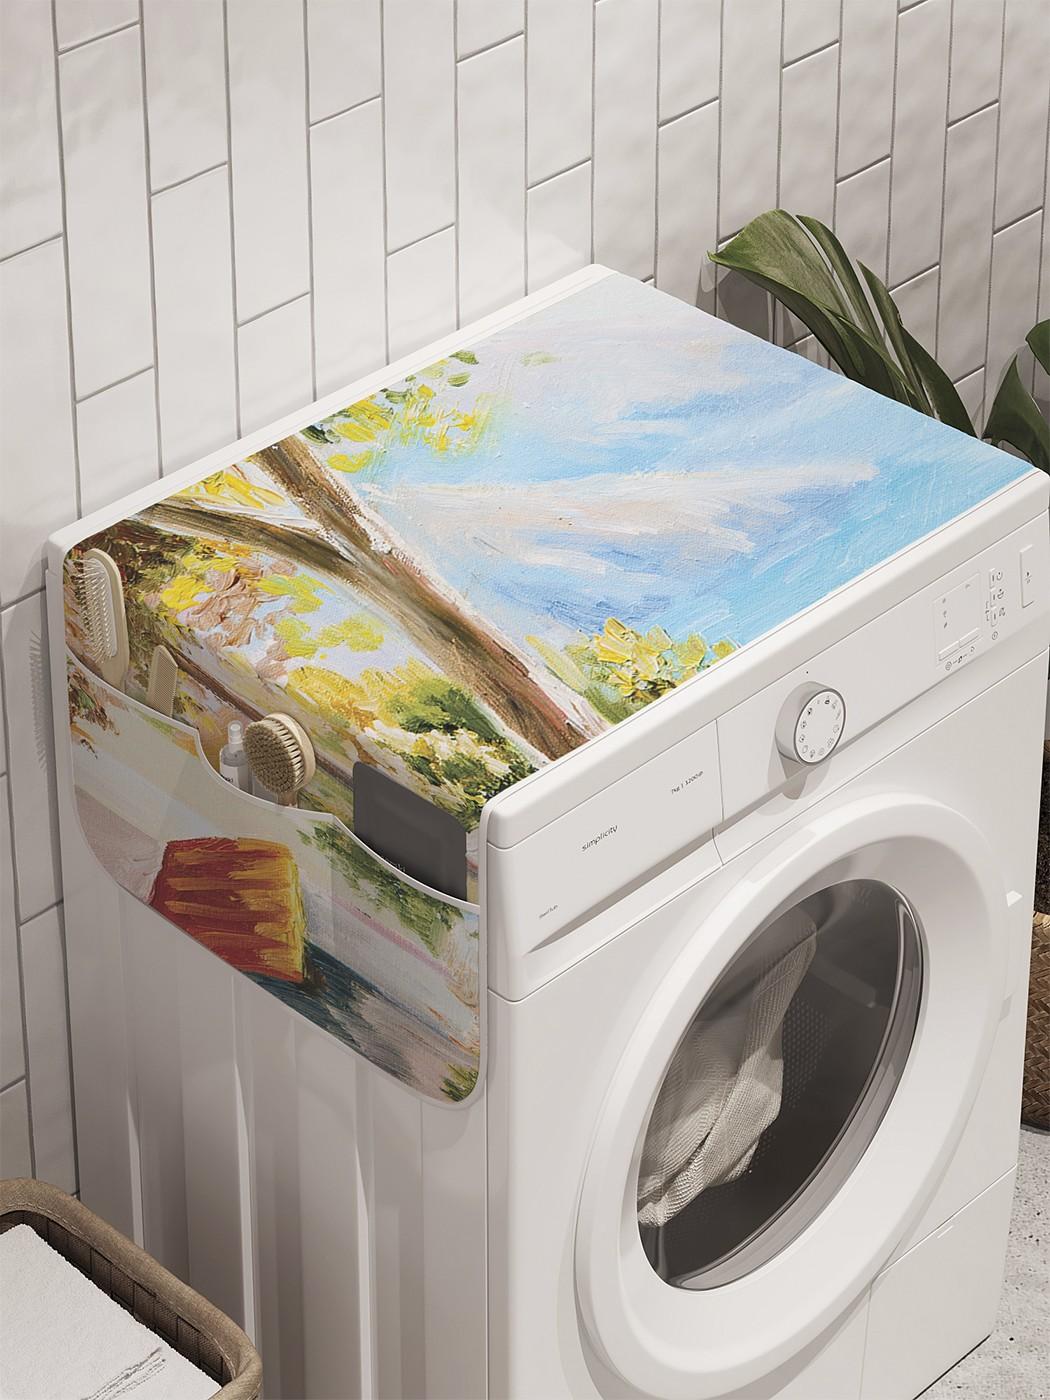 """Органайзер """"Дача у моря"""" на стиральную машину, 45x120 см"""